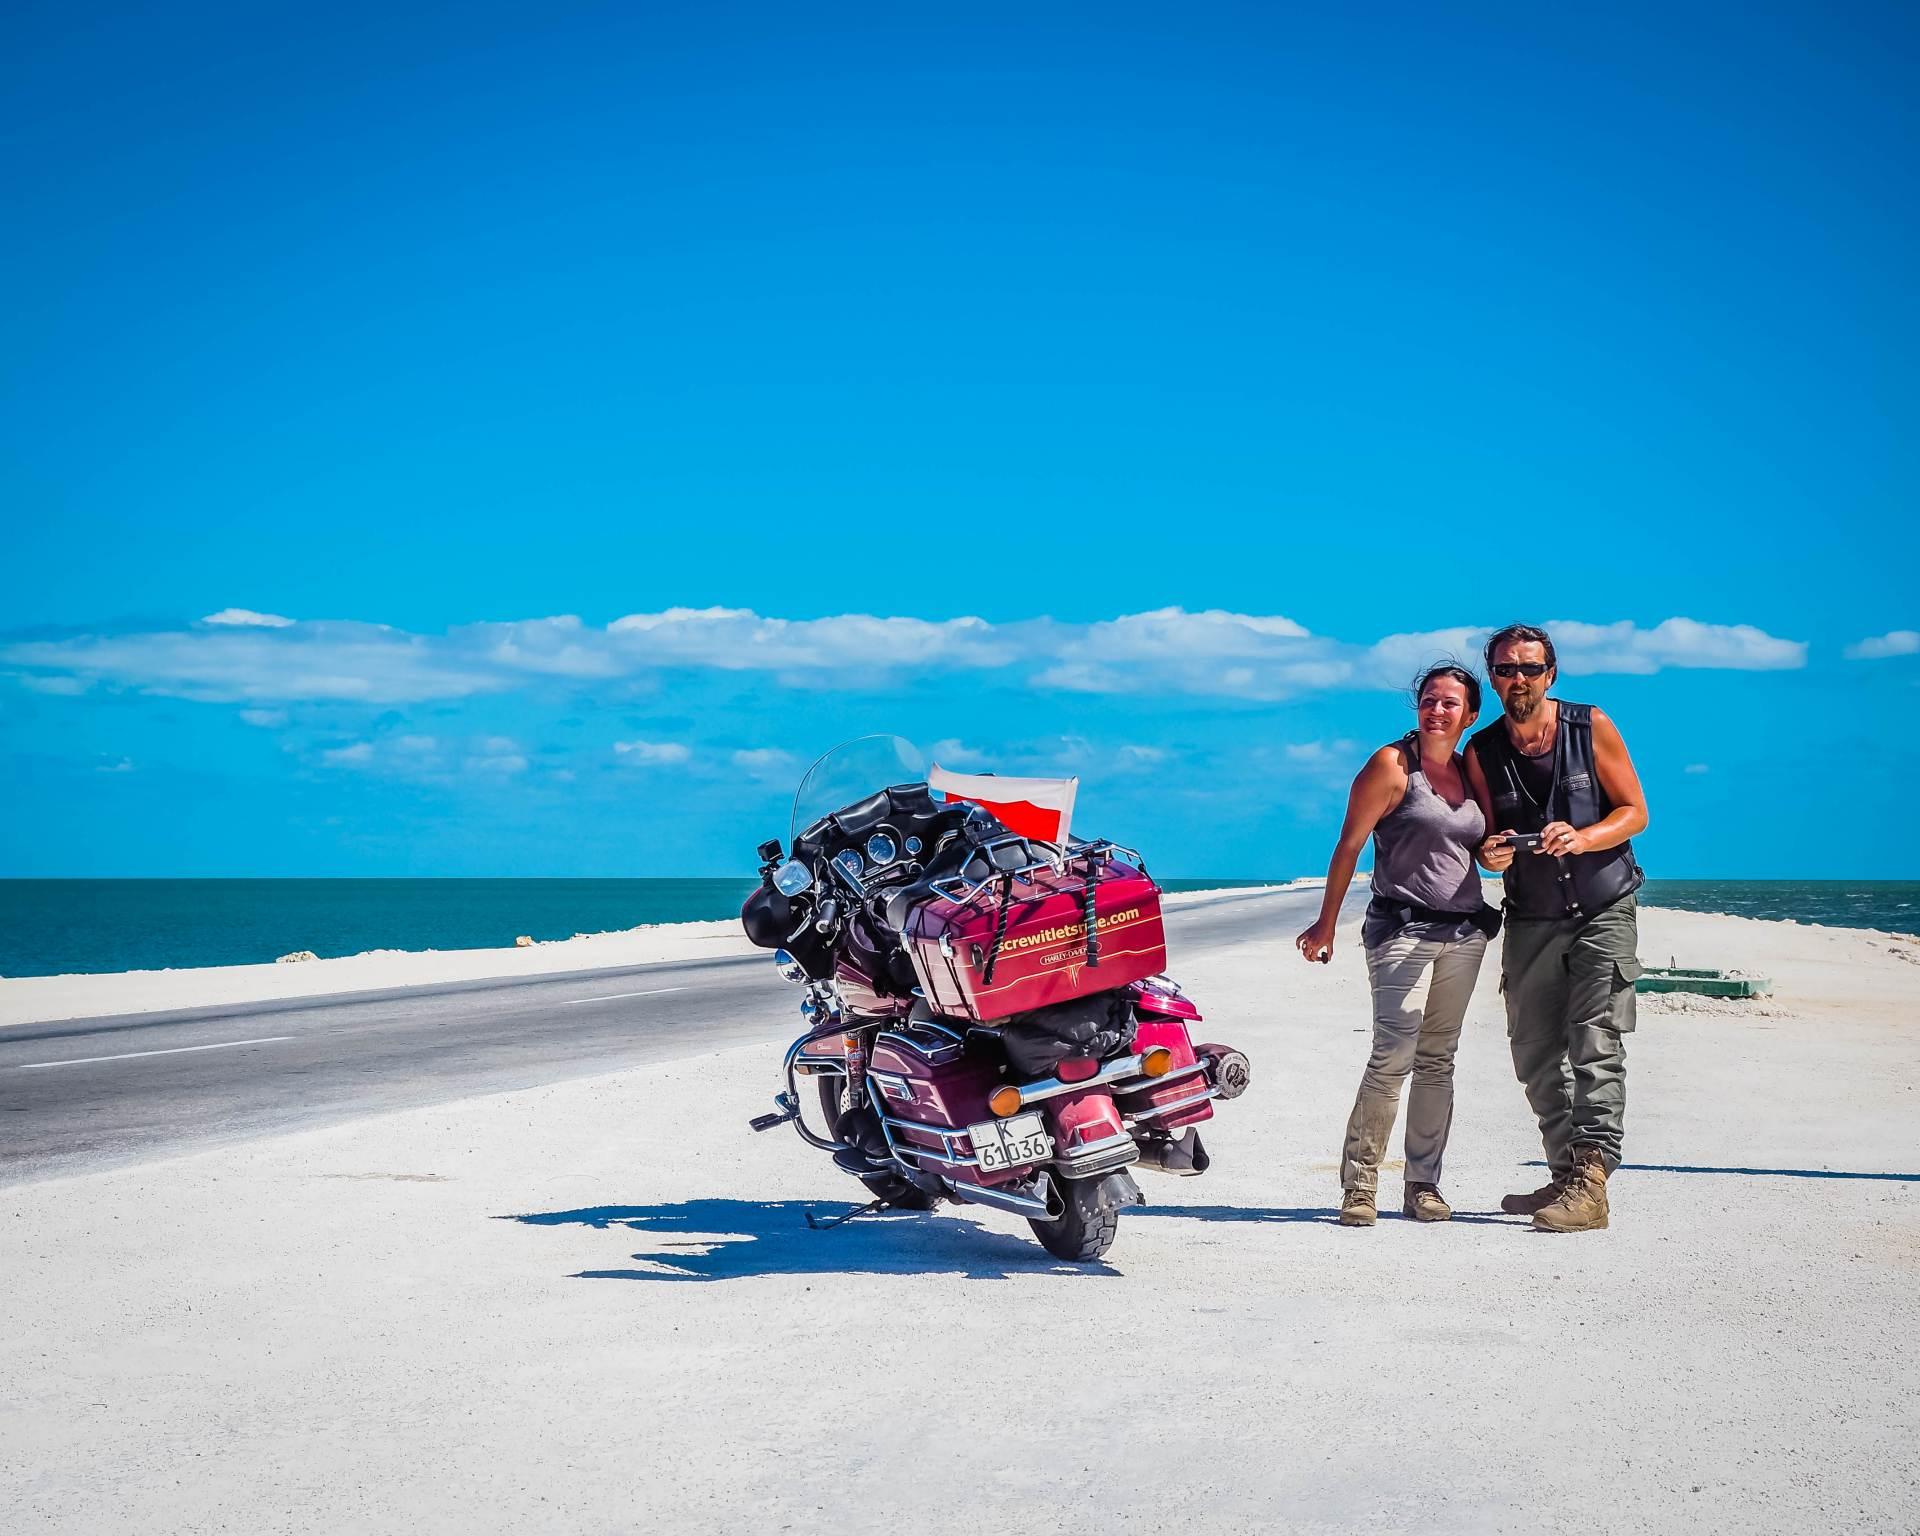 Kuba. Turystyka motocyklowa